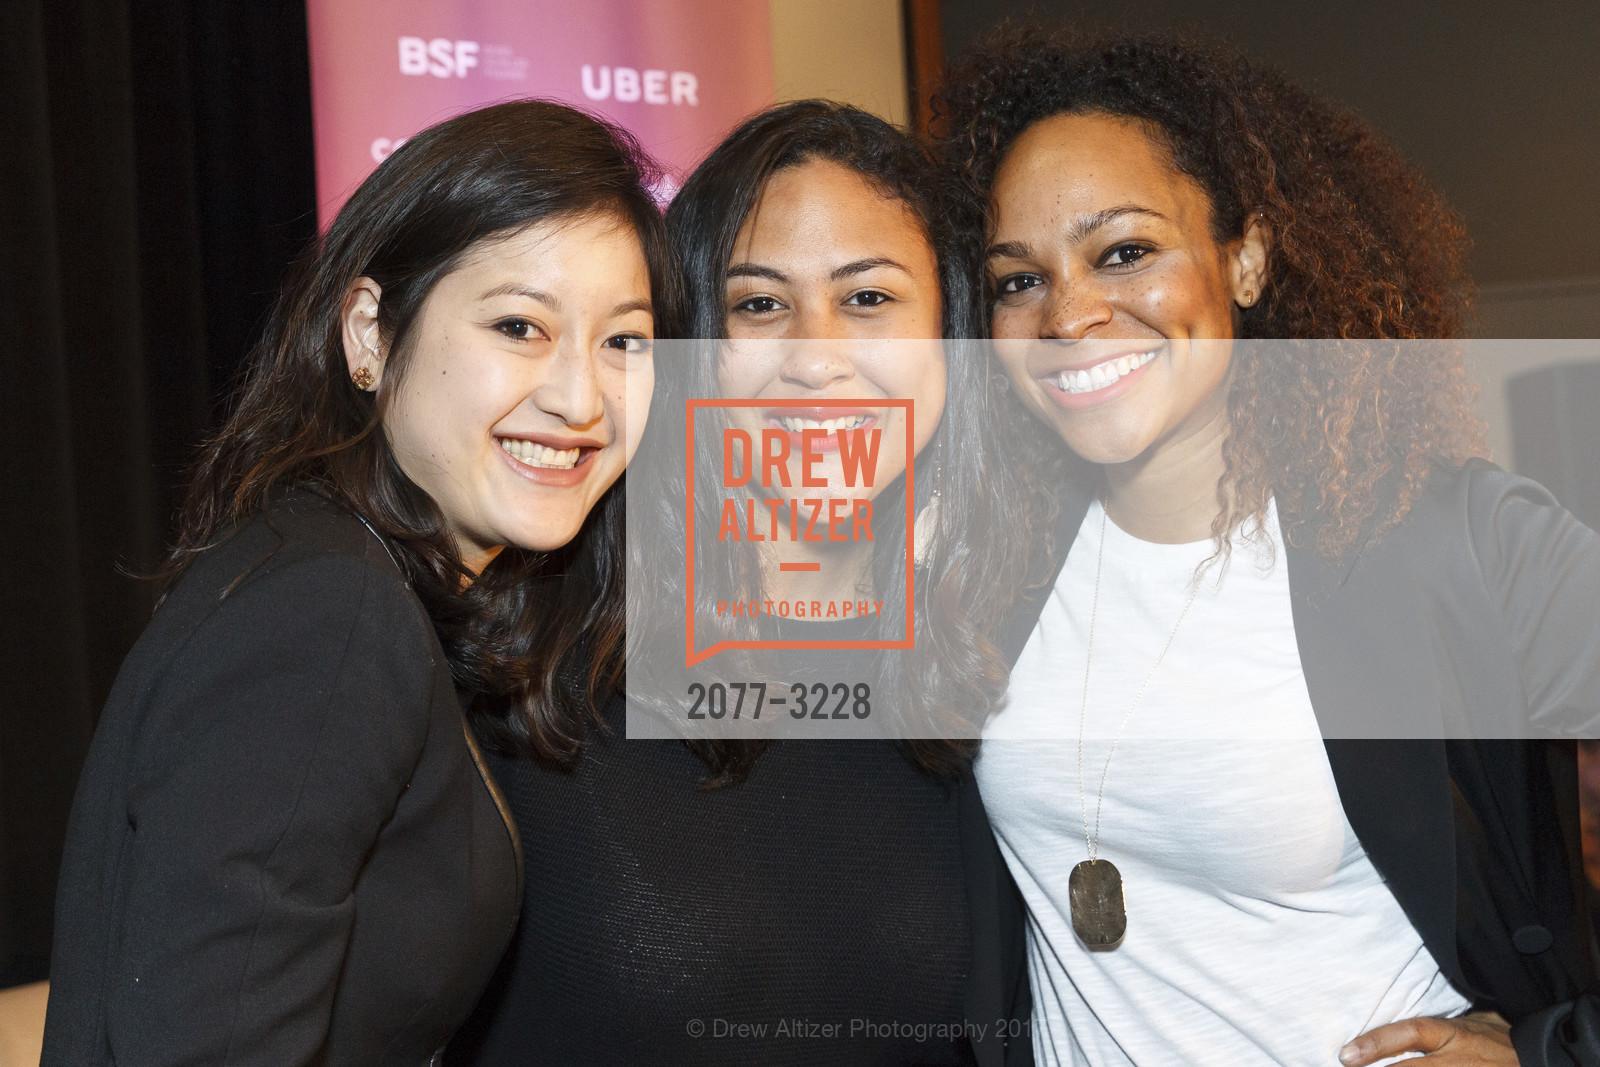 Mana Nakagawa, Bettie Thomas, Monique Dorsainvil, Photo #2077-3228